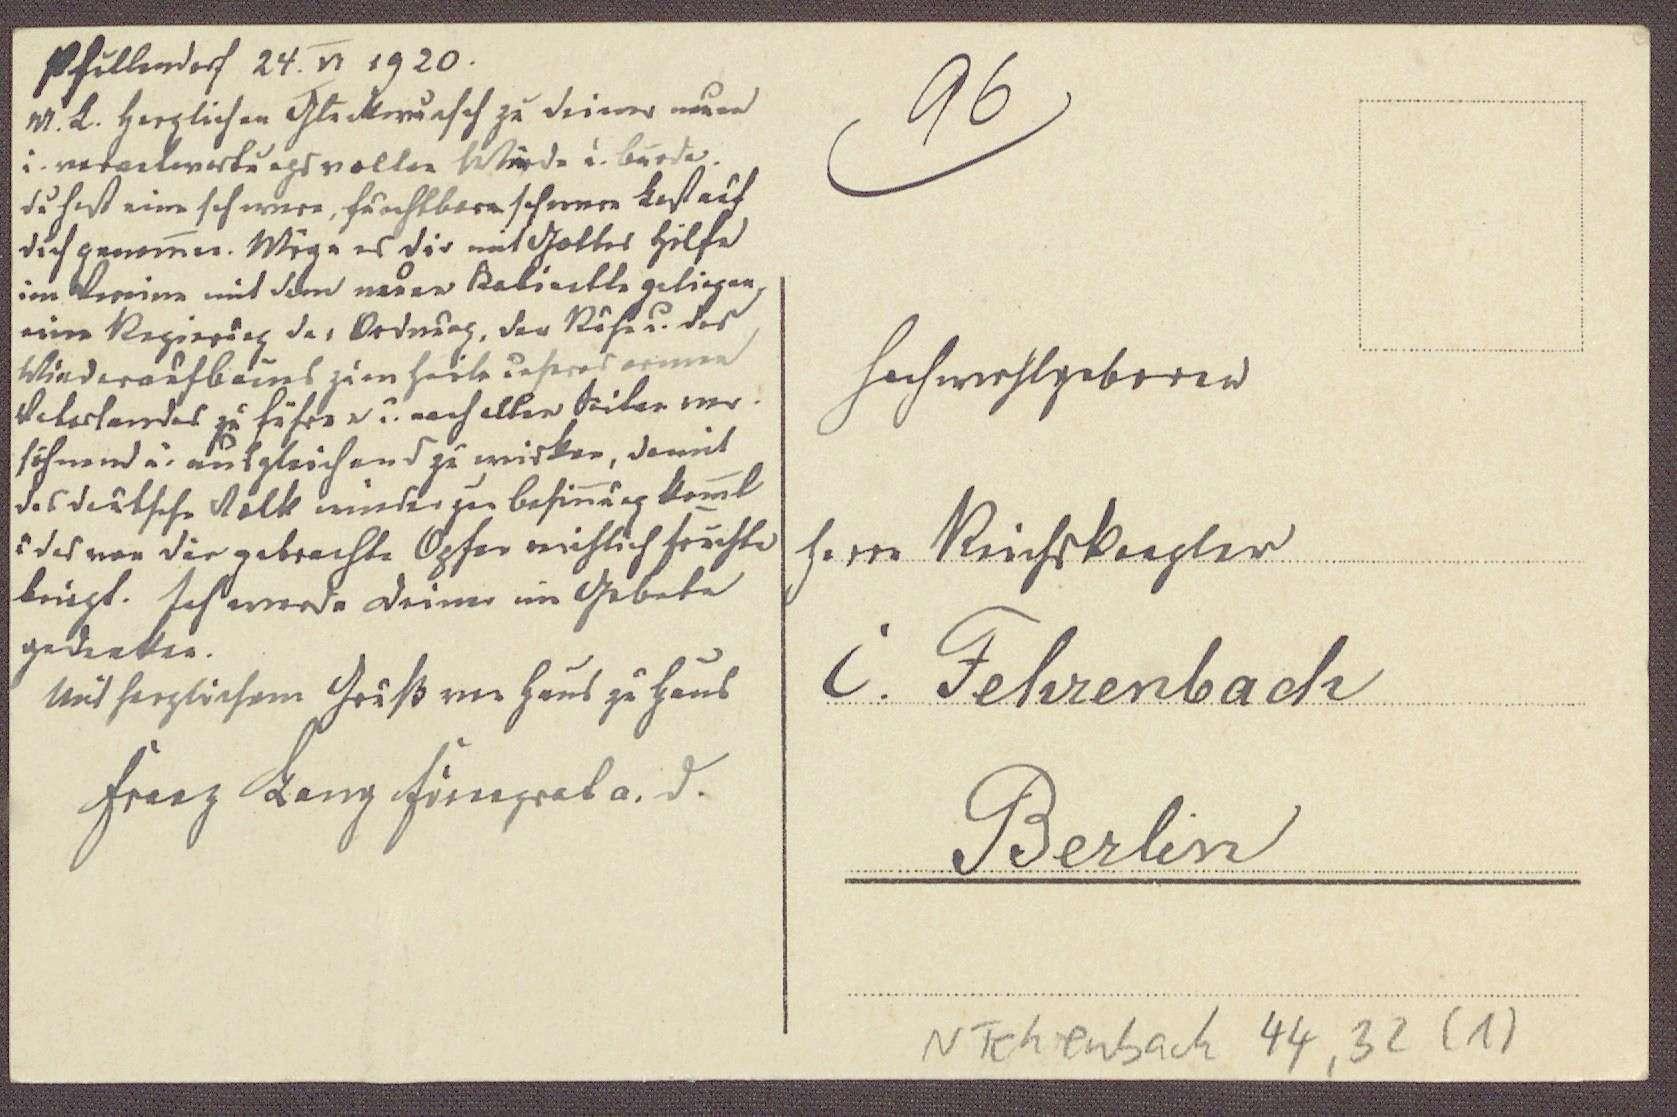 Postkarte, Motiv aus Pfullendorf, von Franz Lang, an Constantin Fehrenbach, Glückwünsche zur Wahl zum Reichskanzler, Bild 2